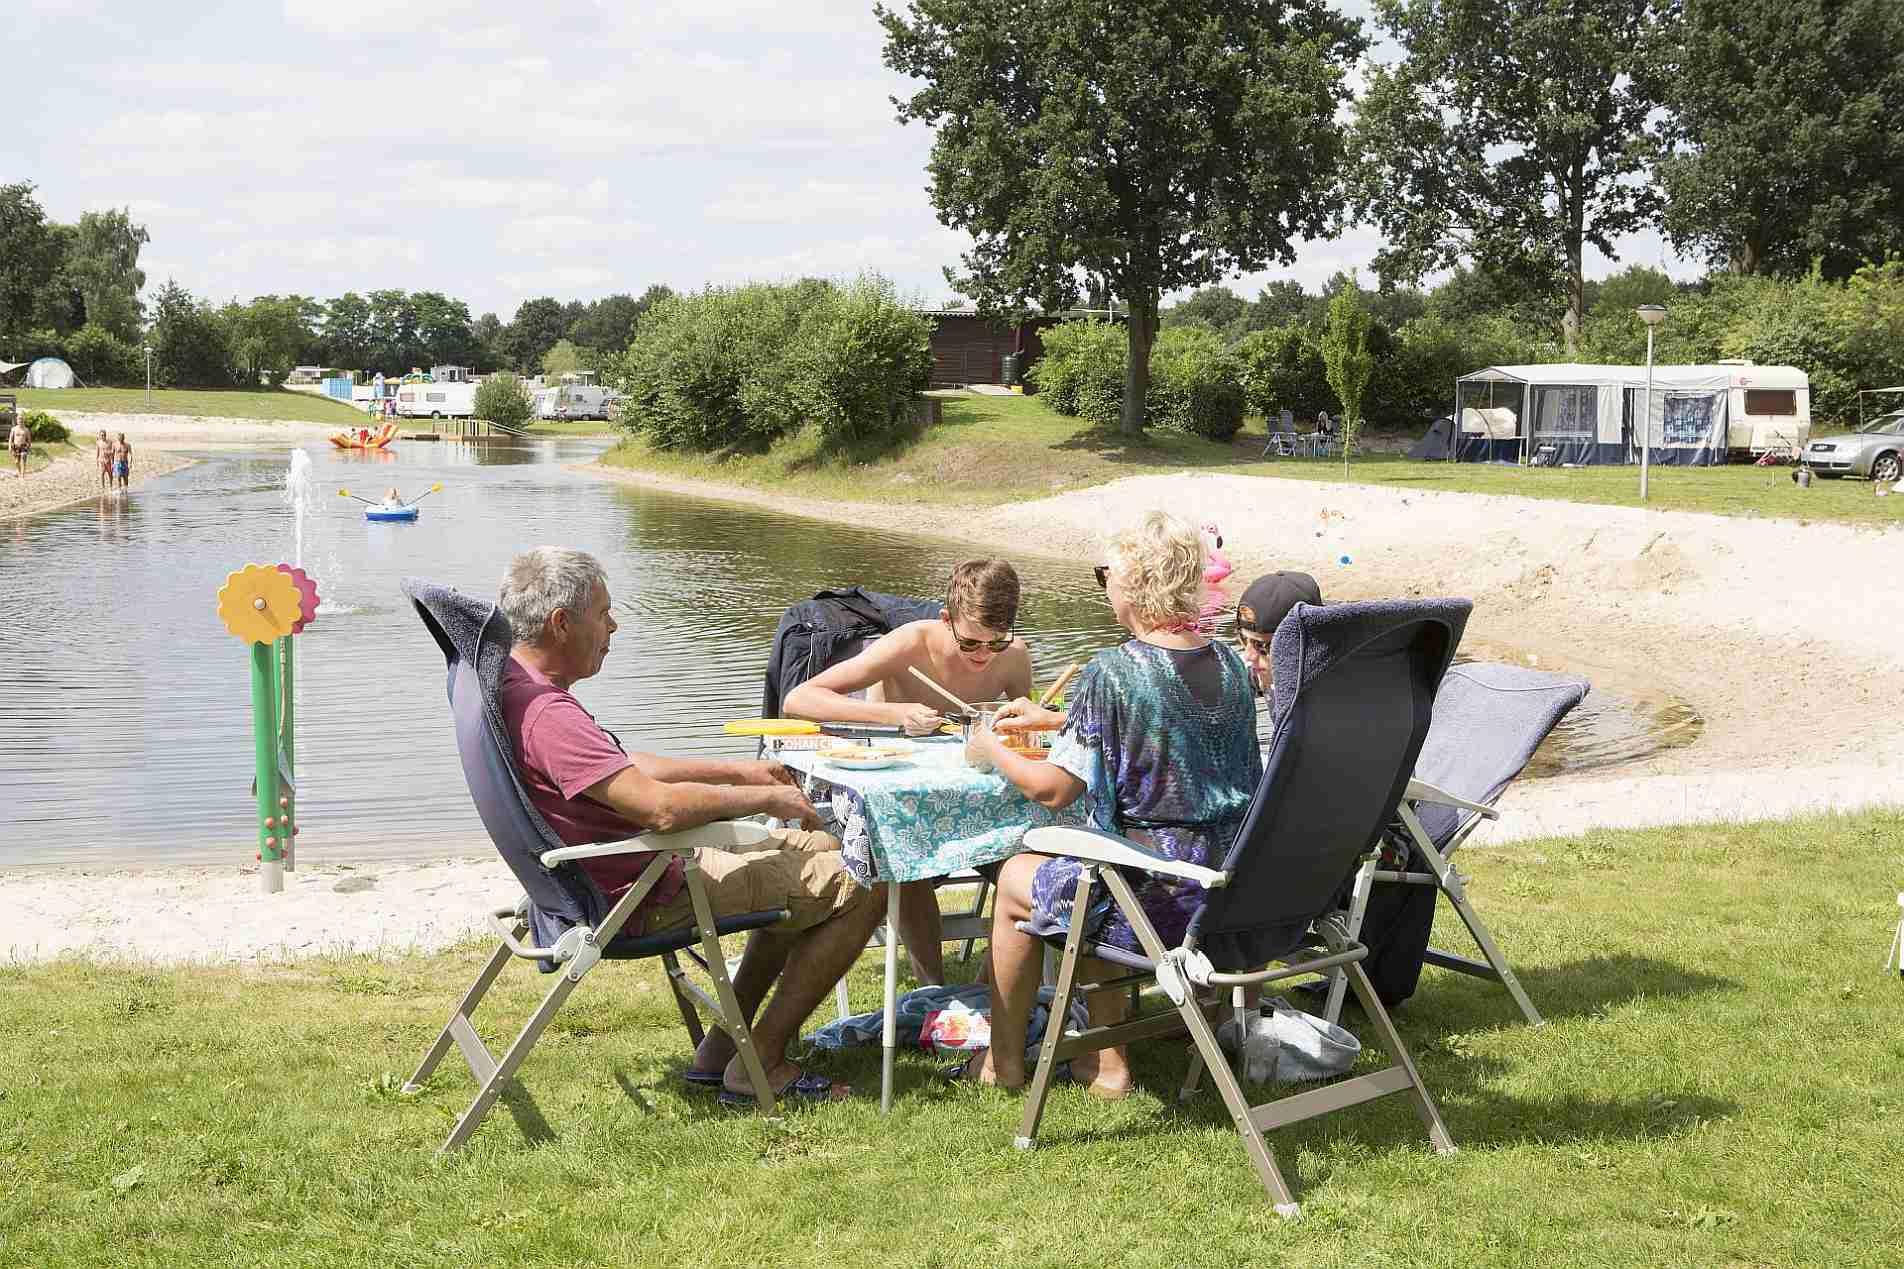 Voordelig de hele septembermaand kamperen - Septembermaand kamperen op gezinscamping